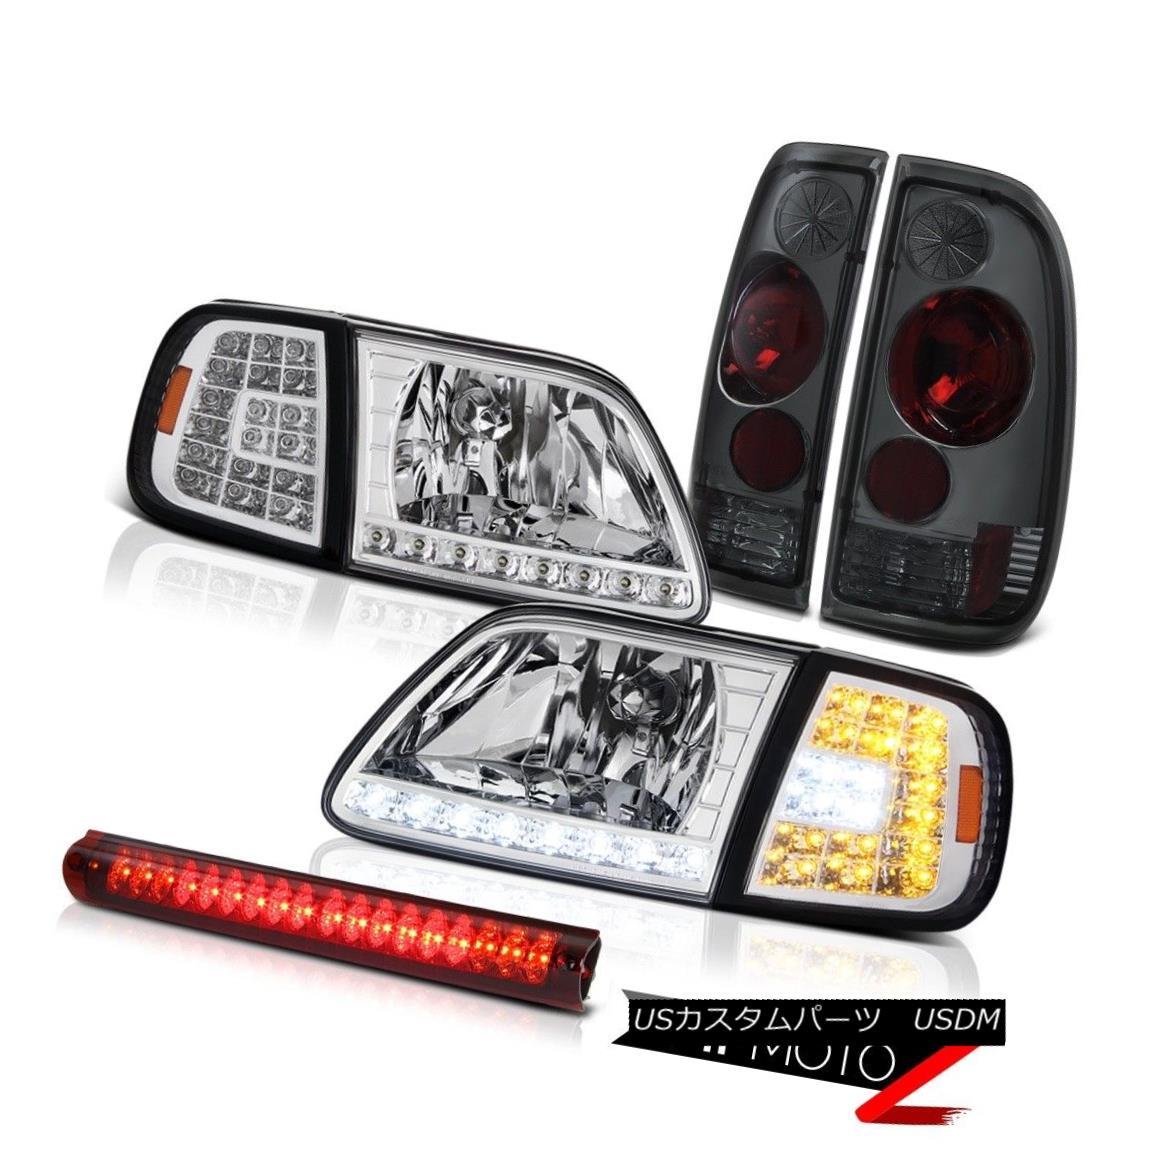 テールライト 1997-2003 F150 Crystal SMD Parking Headlights Tinted Tail Lights High Stop LED 1997-2003 F150クリスタルSMDパーキングヘッドライトティンテッドテールライトハイストップLED